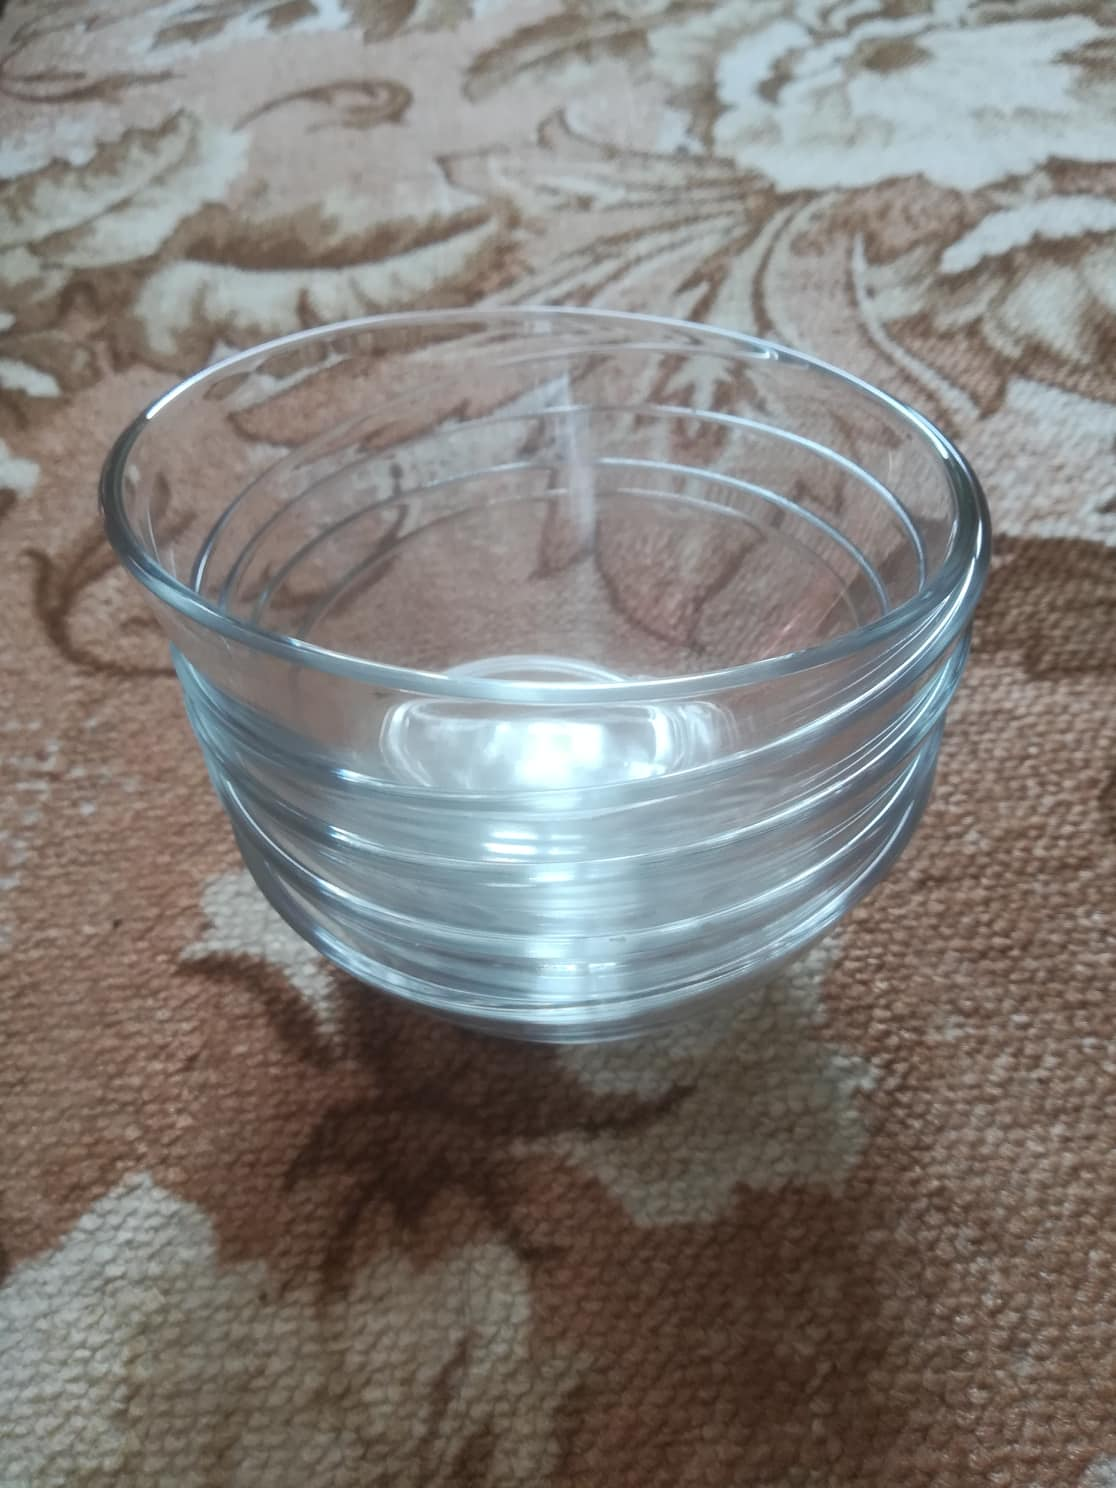 Misky na dresinky - Obrázek č. 1